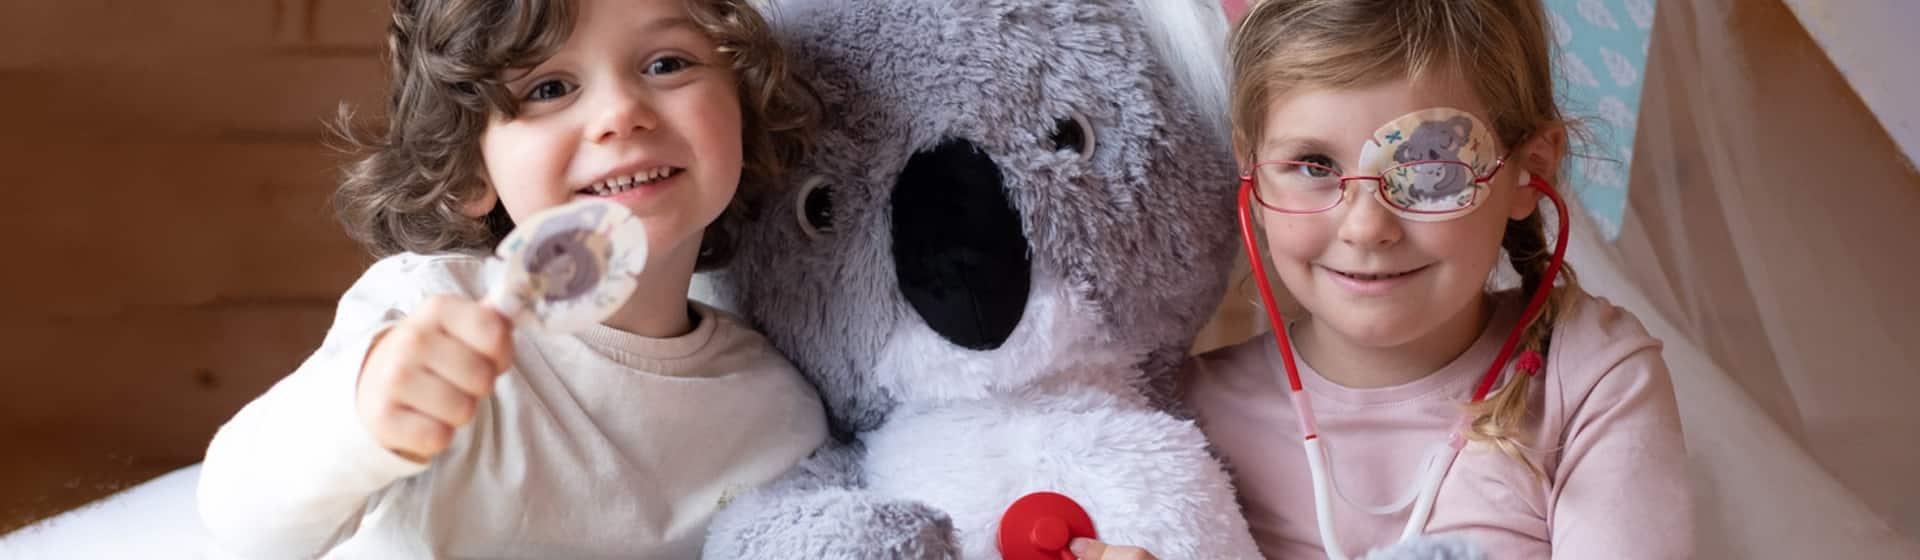 augenpflaster-koala-praxis-info-header